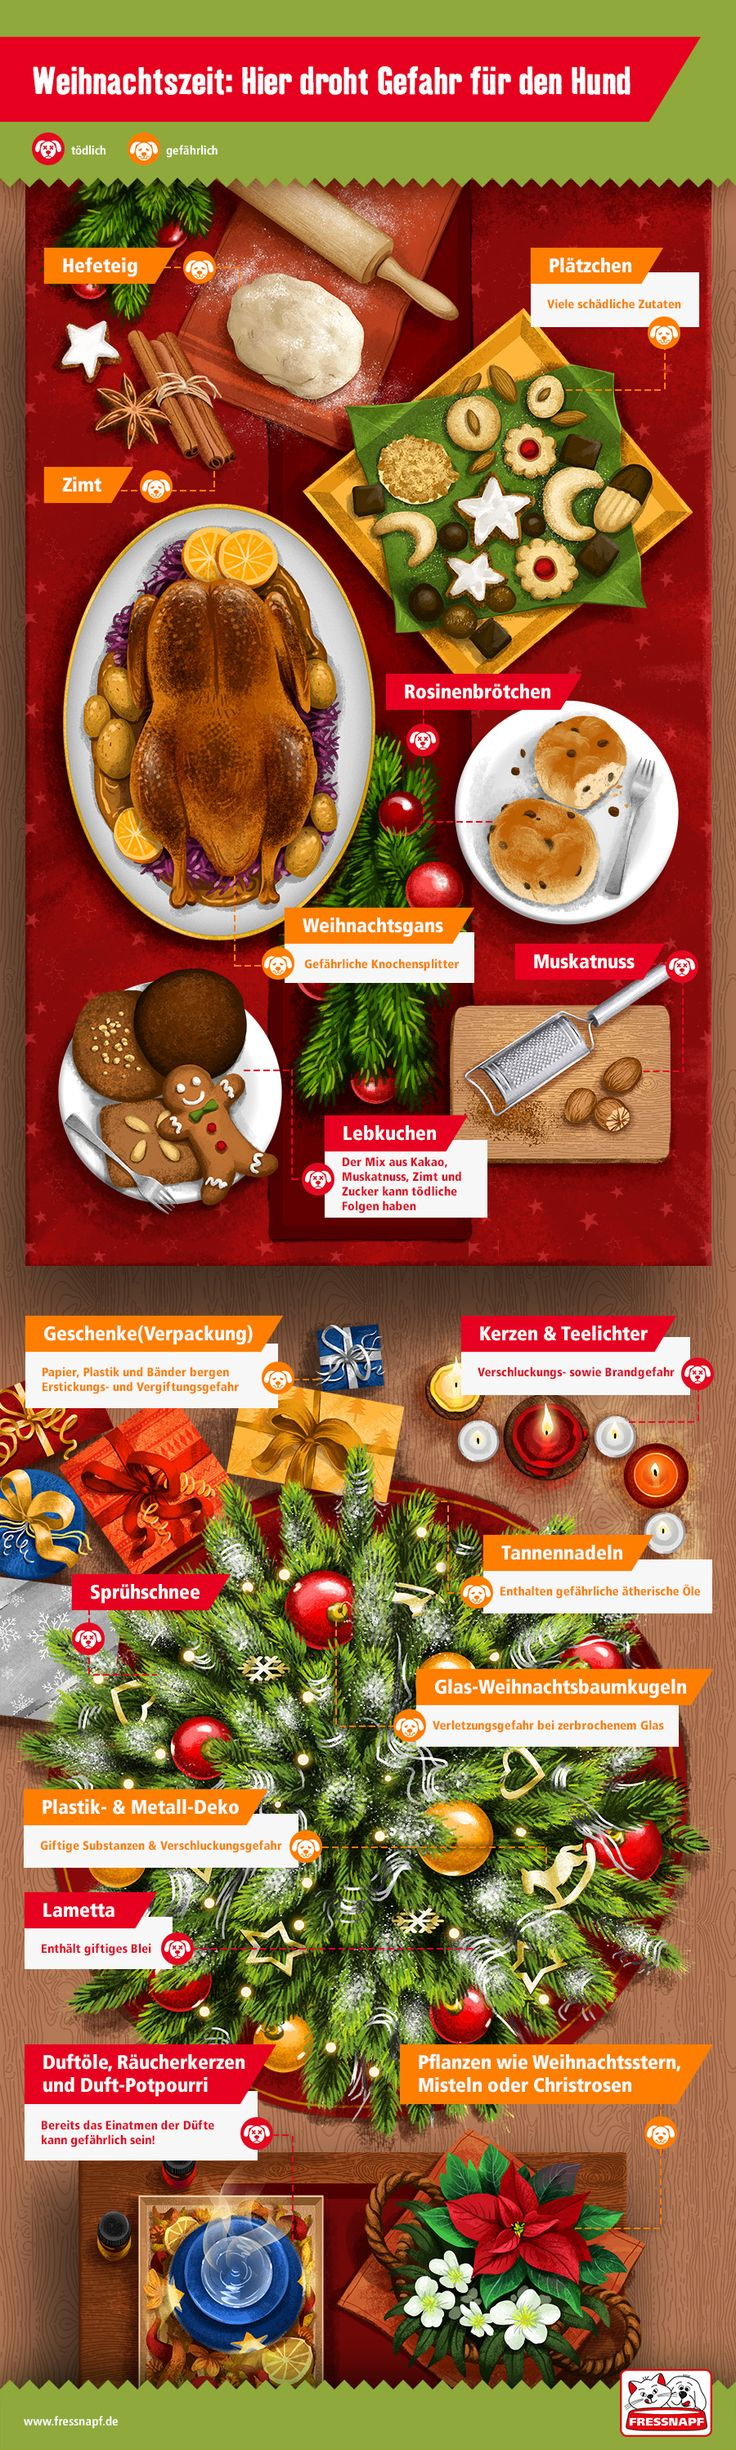 Weihnachten sicher feiern mit Hund - FRESSNAPF Deutschland